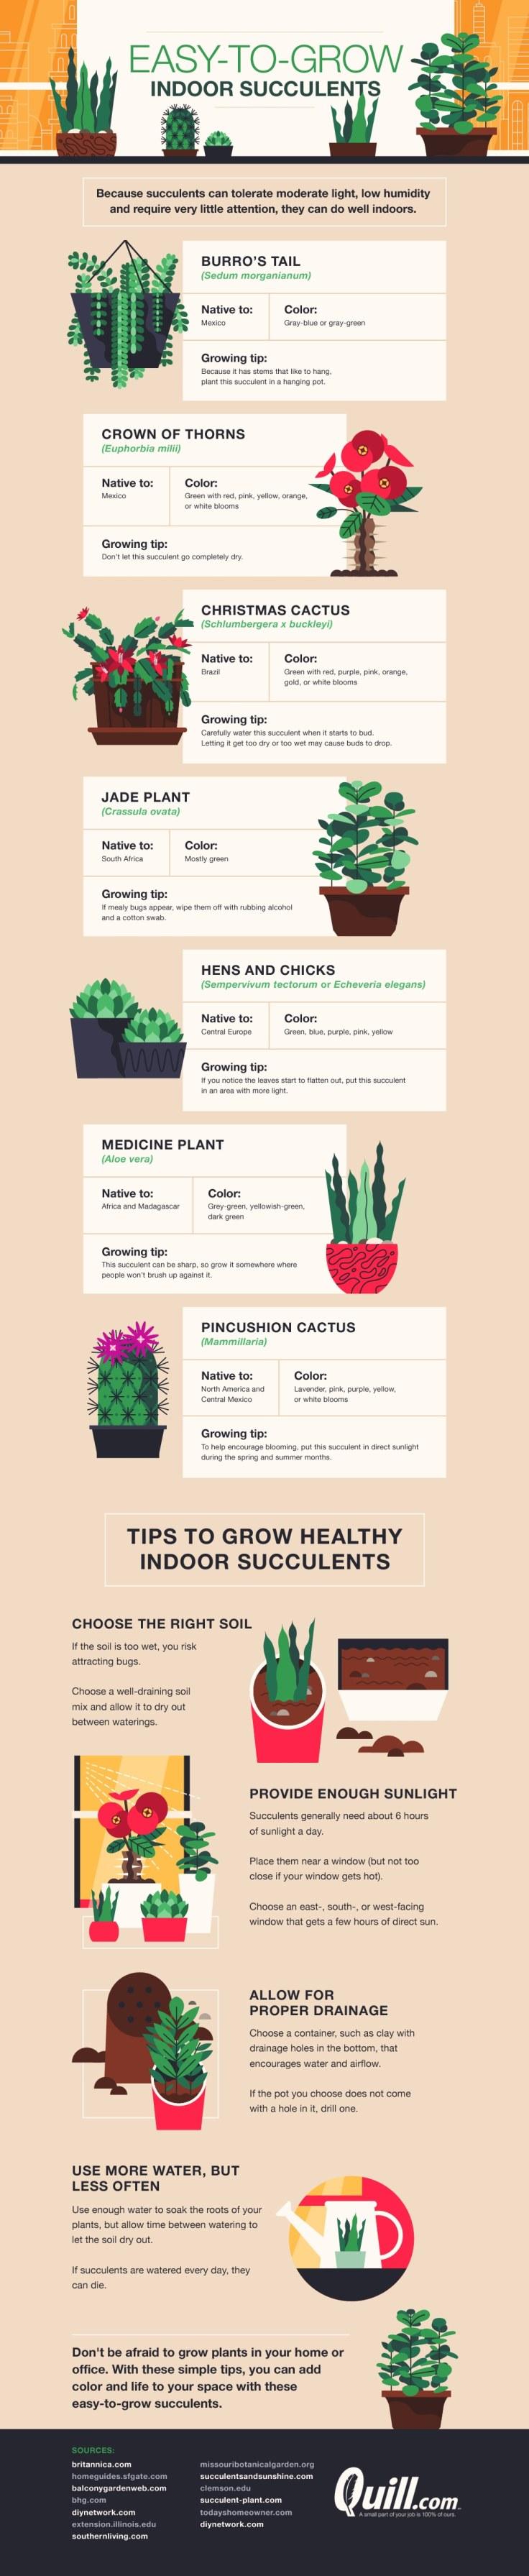 Easy-to-grow-indoor-succulents.jpg